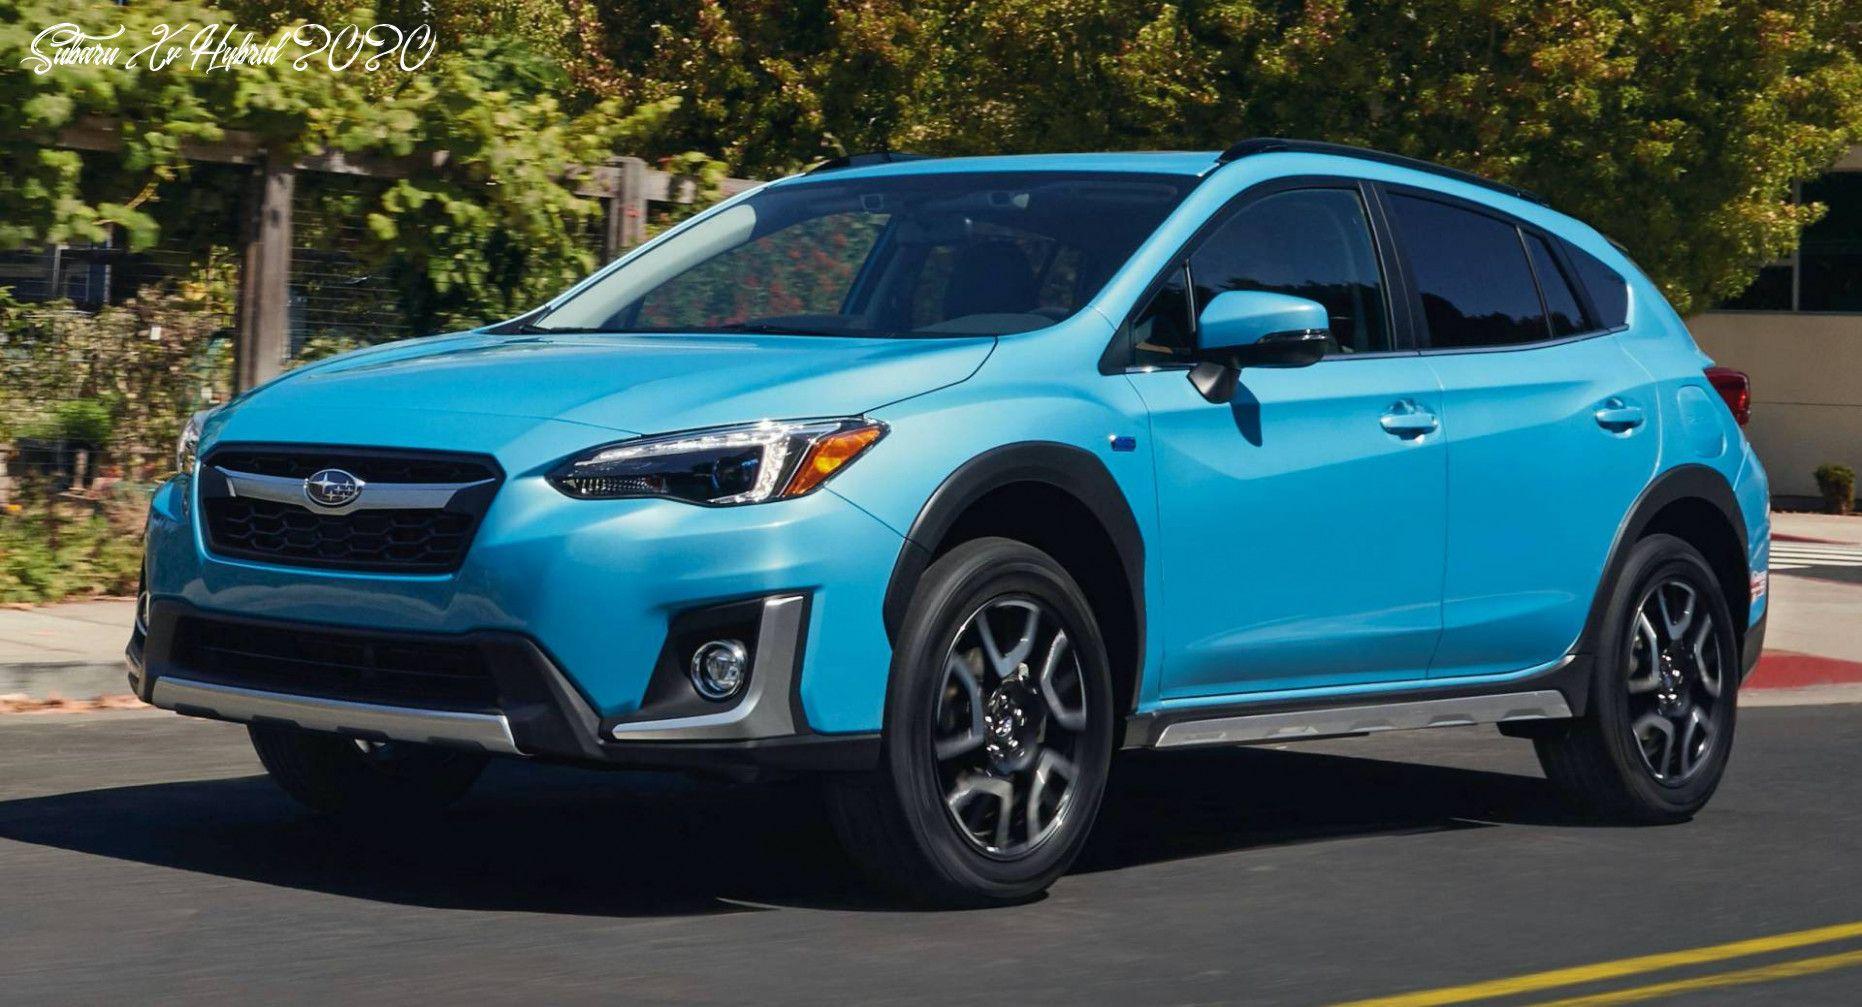 Subaru Xv Hybrid 2020 Price Design And Review In 2020 Subaru Crosstrek Subaru Car